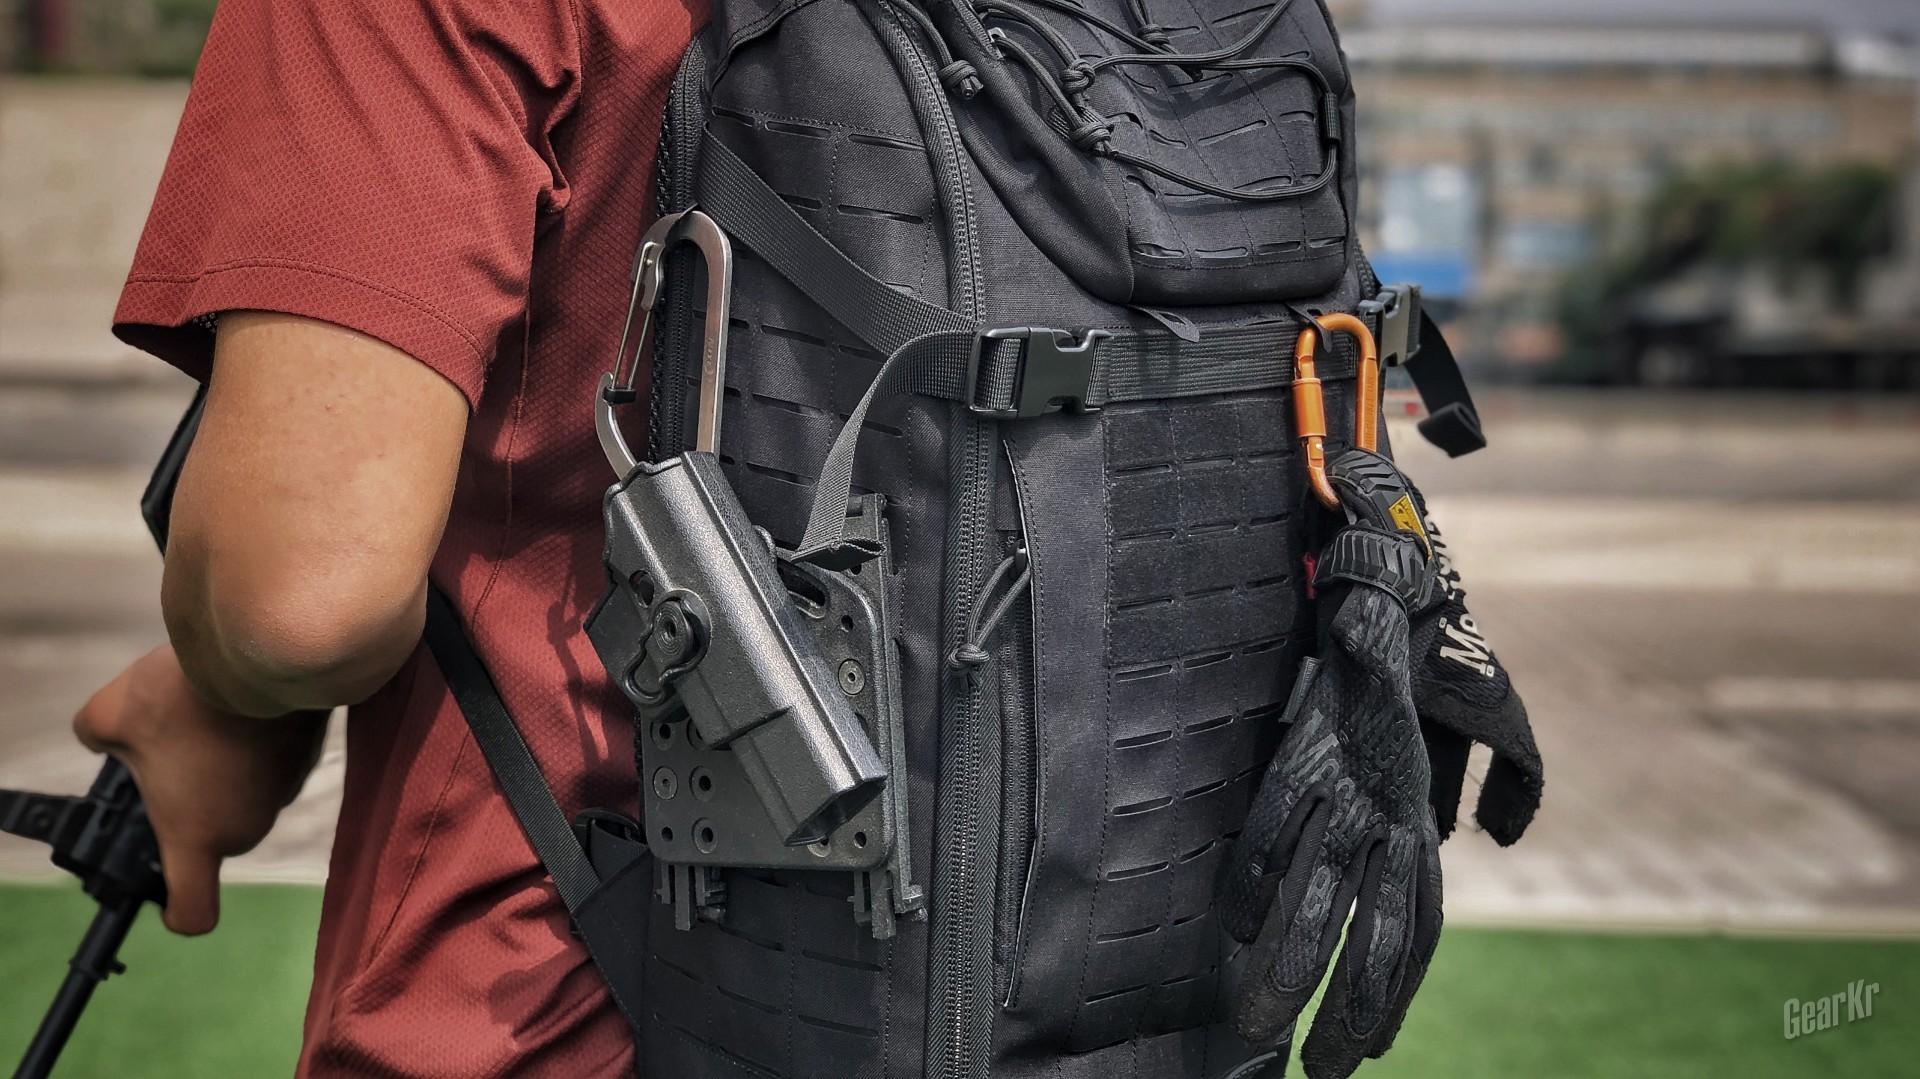 黑又硬的战术包——NITECORE奈特科尔MP25背包测评